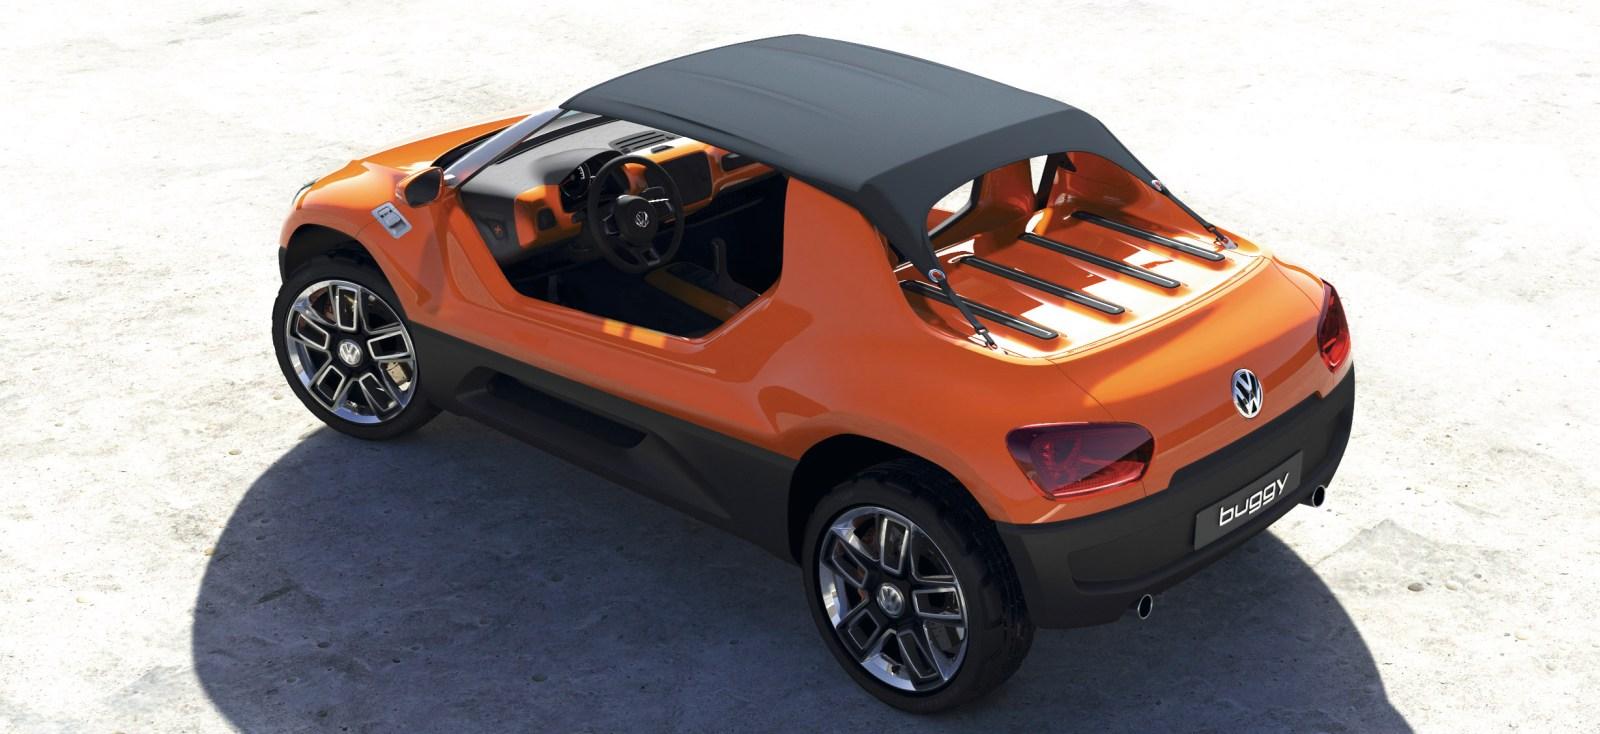 Volkswagen BuggyUp! - Autos Actual México